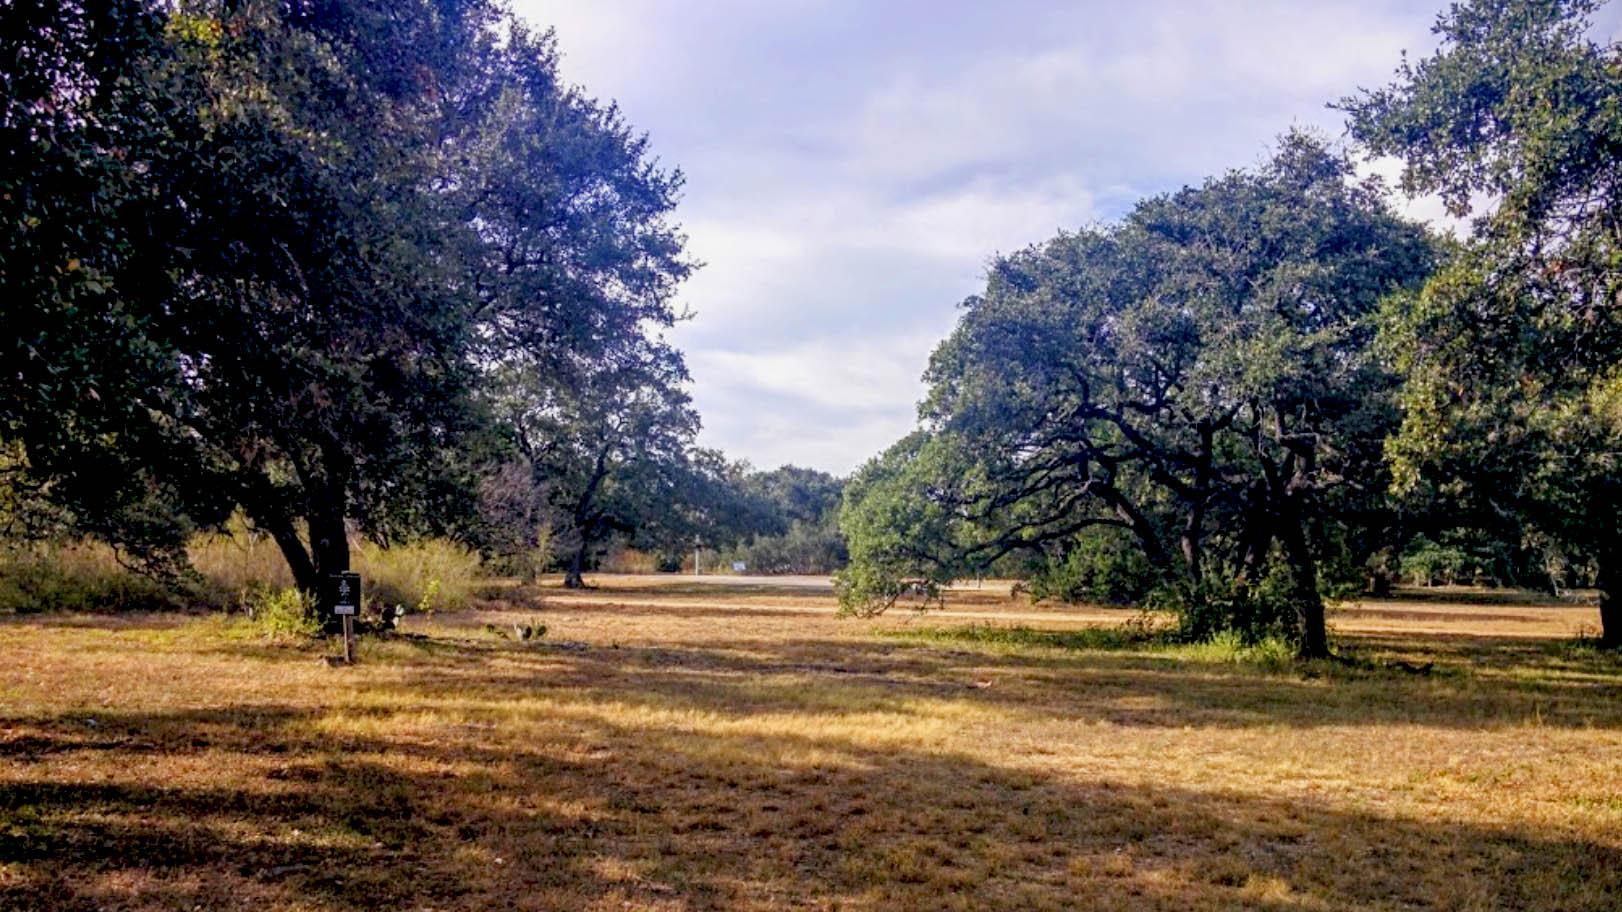 Image of Schroeter Park